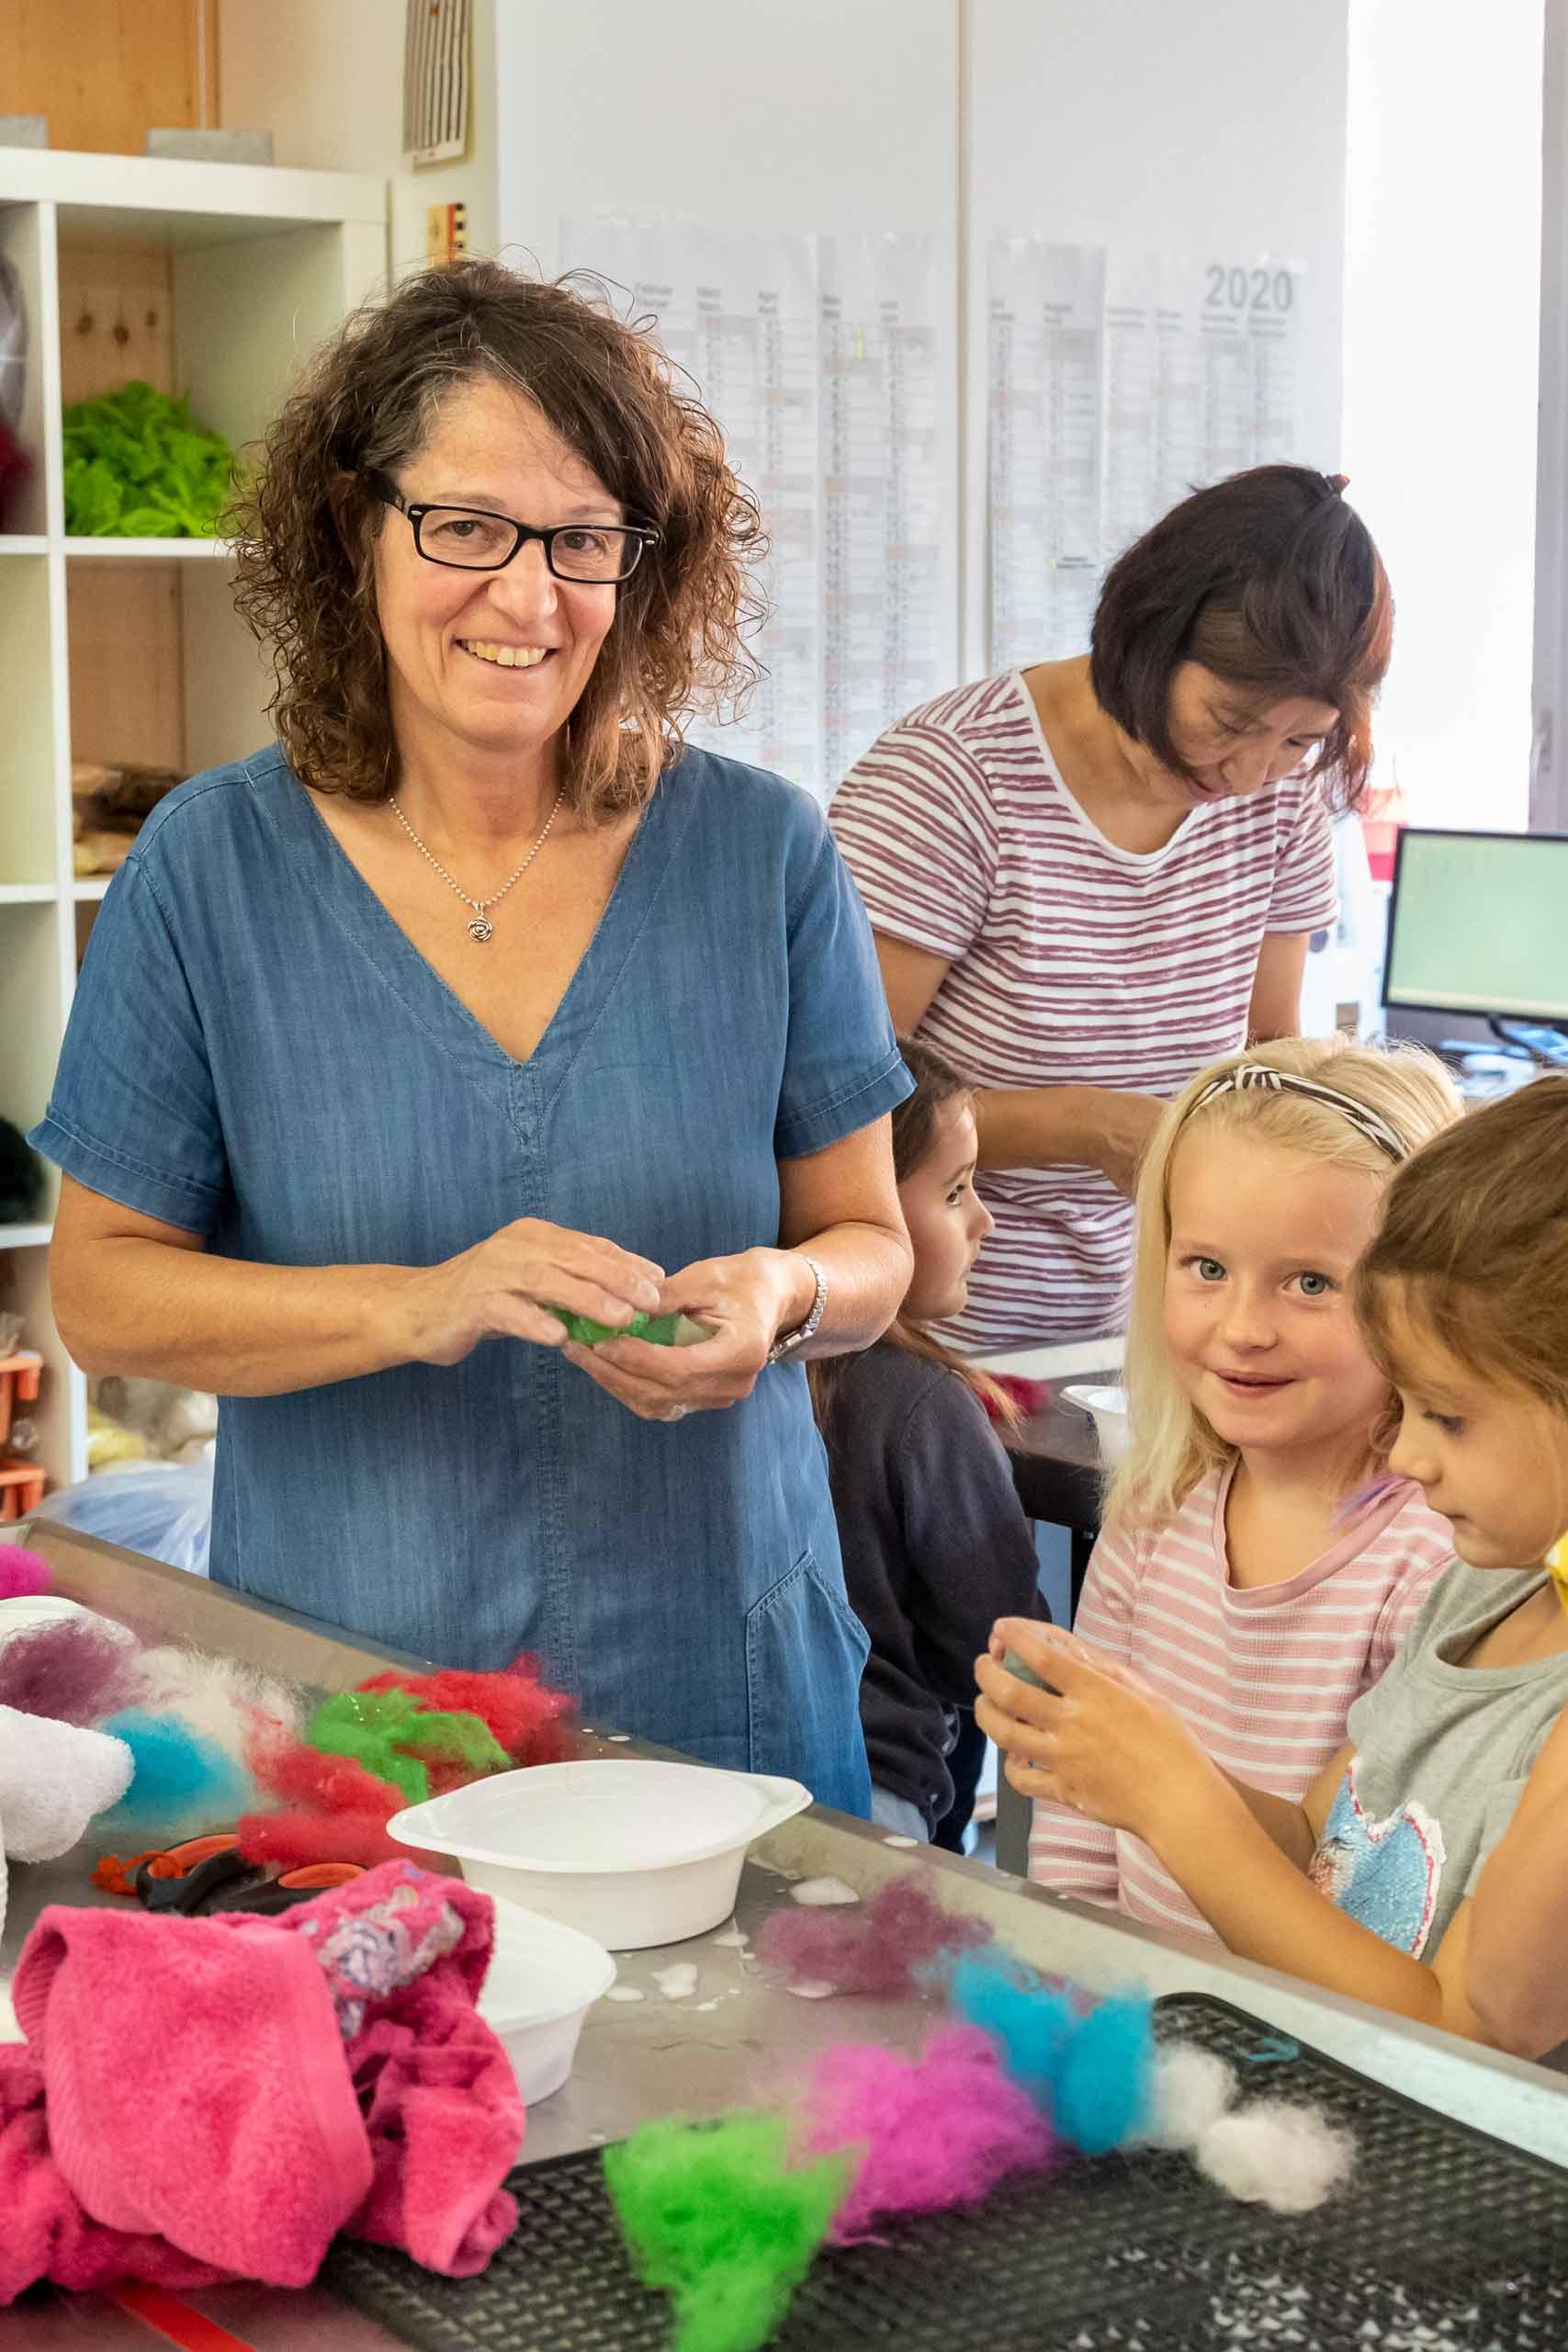 Swisswool-Ruth-Brog-am-Filzen-mit-Kindern